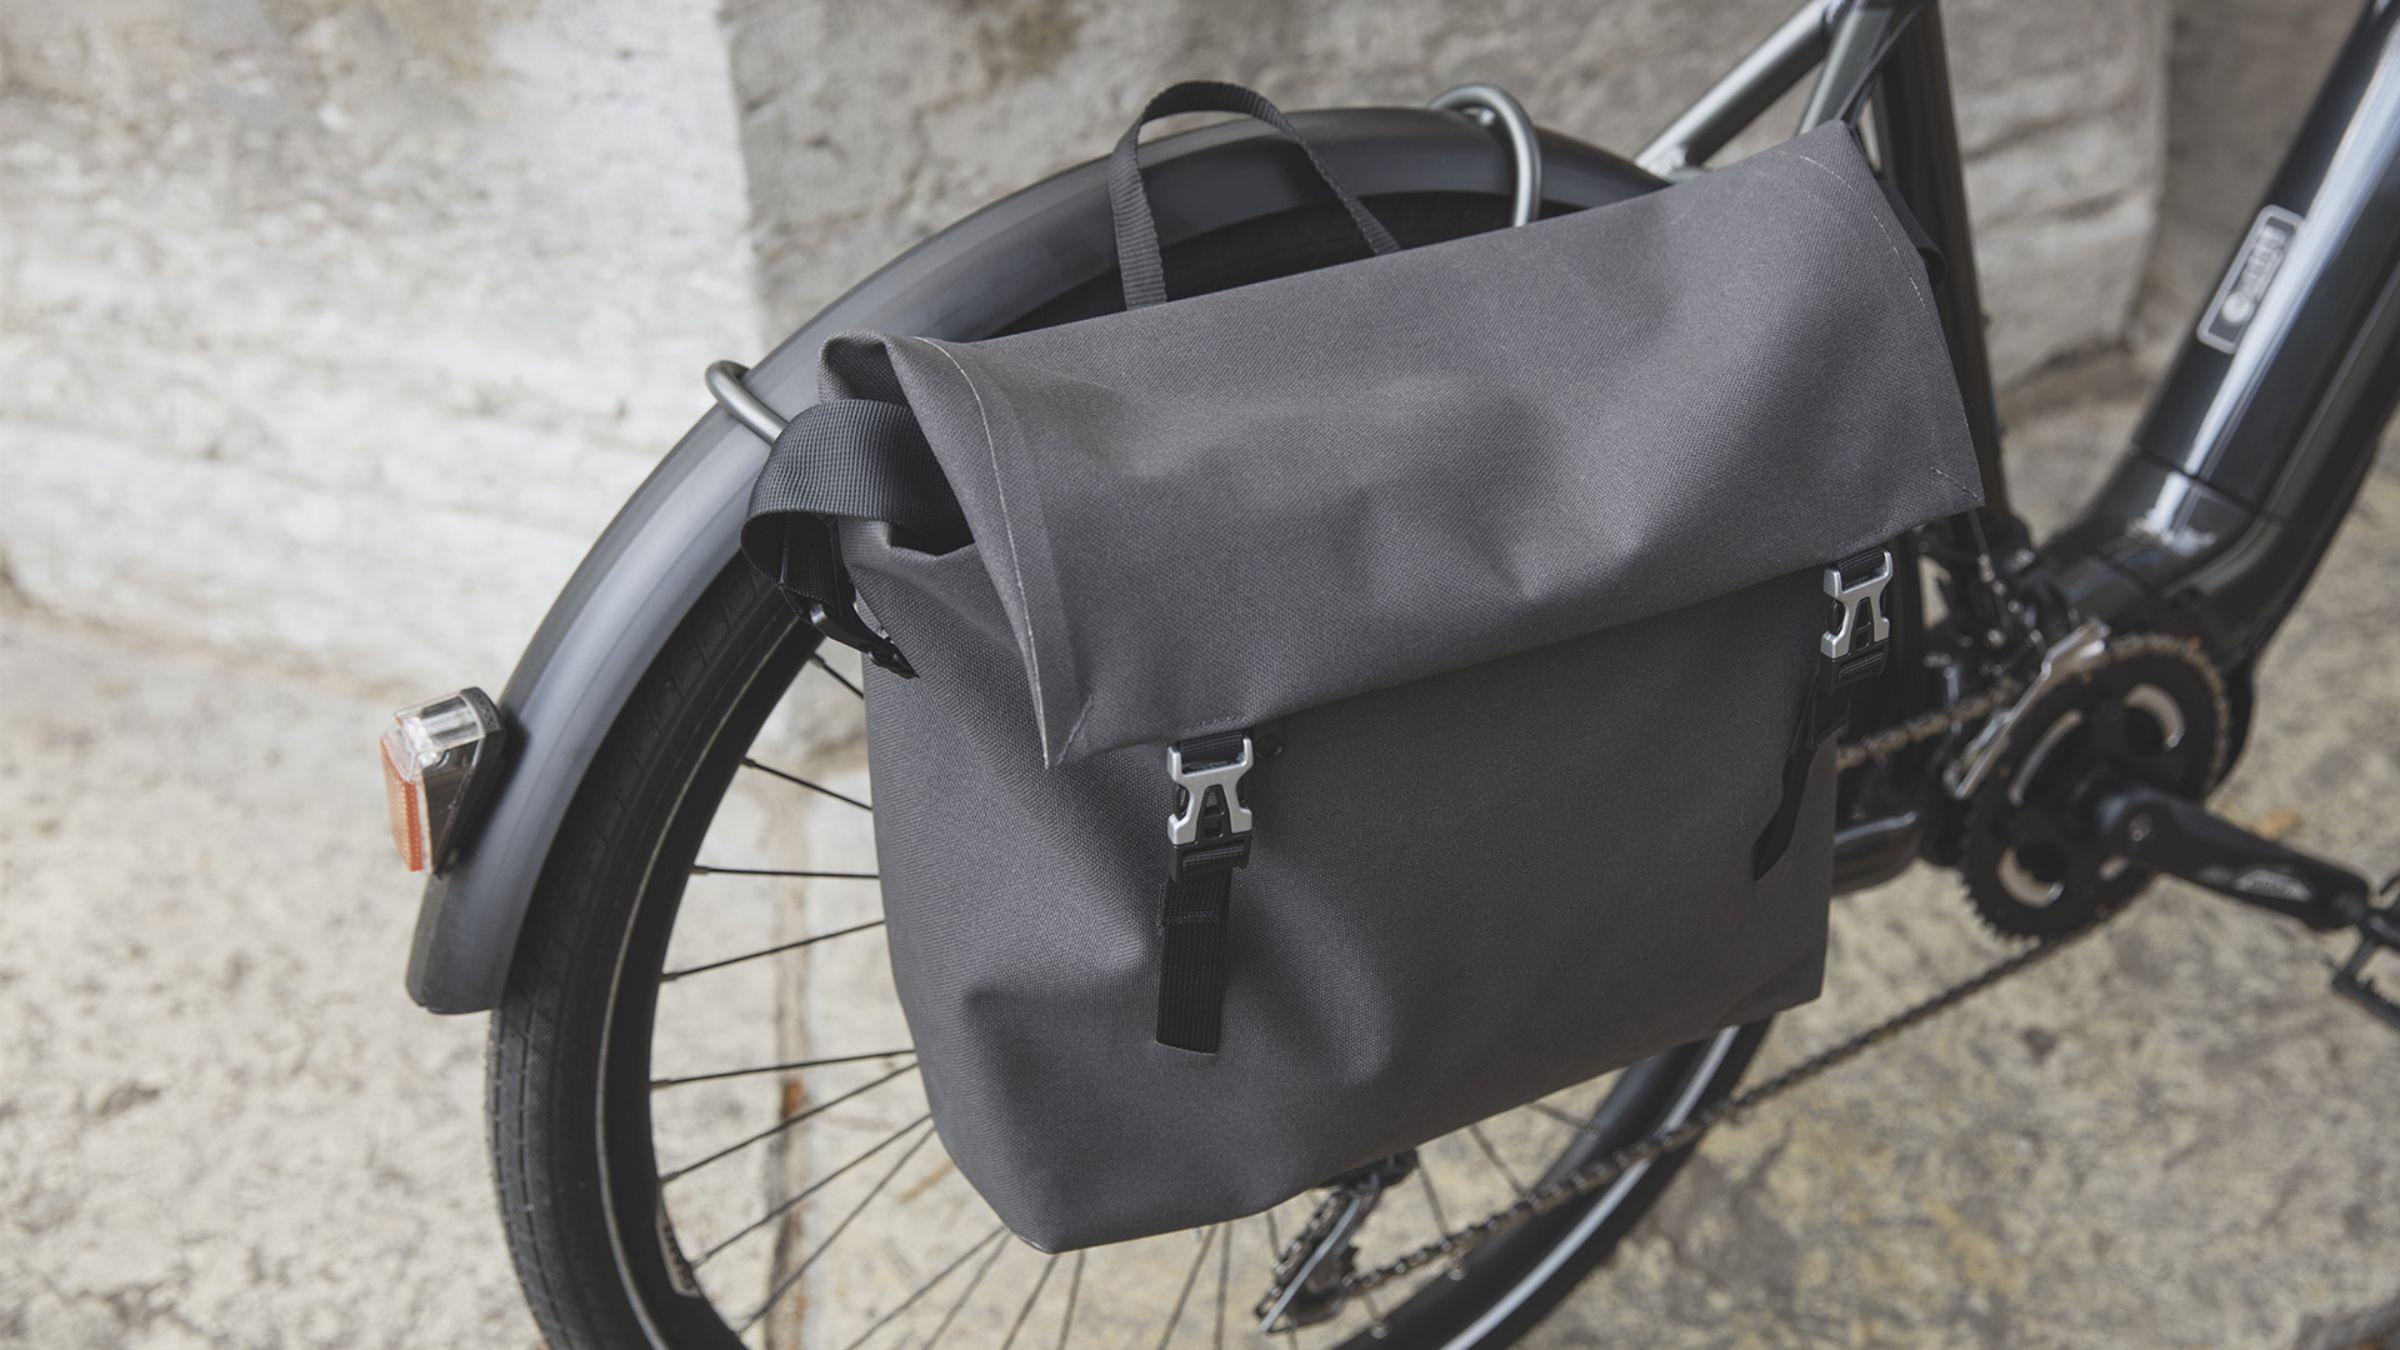 Satteltasche am Fahrrad als leasingfähiges Zubehör